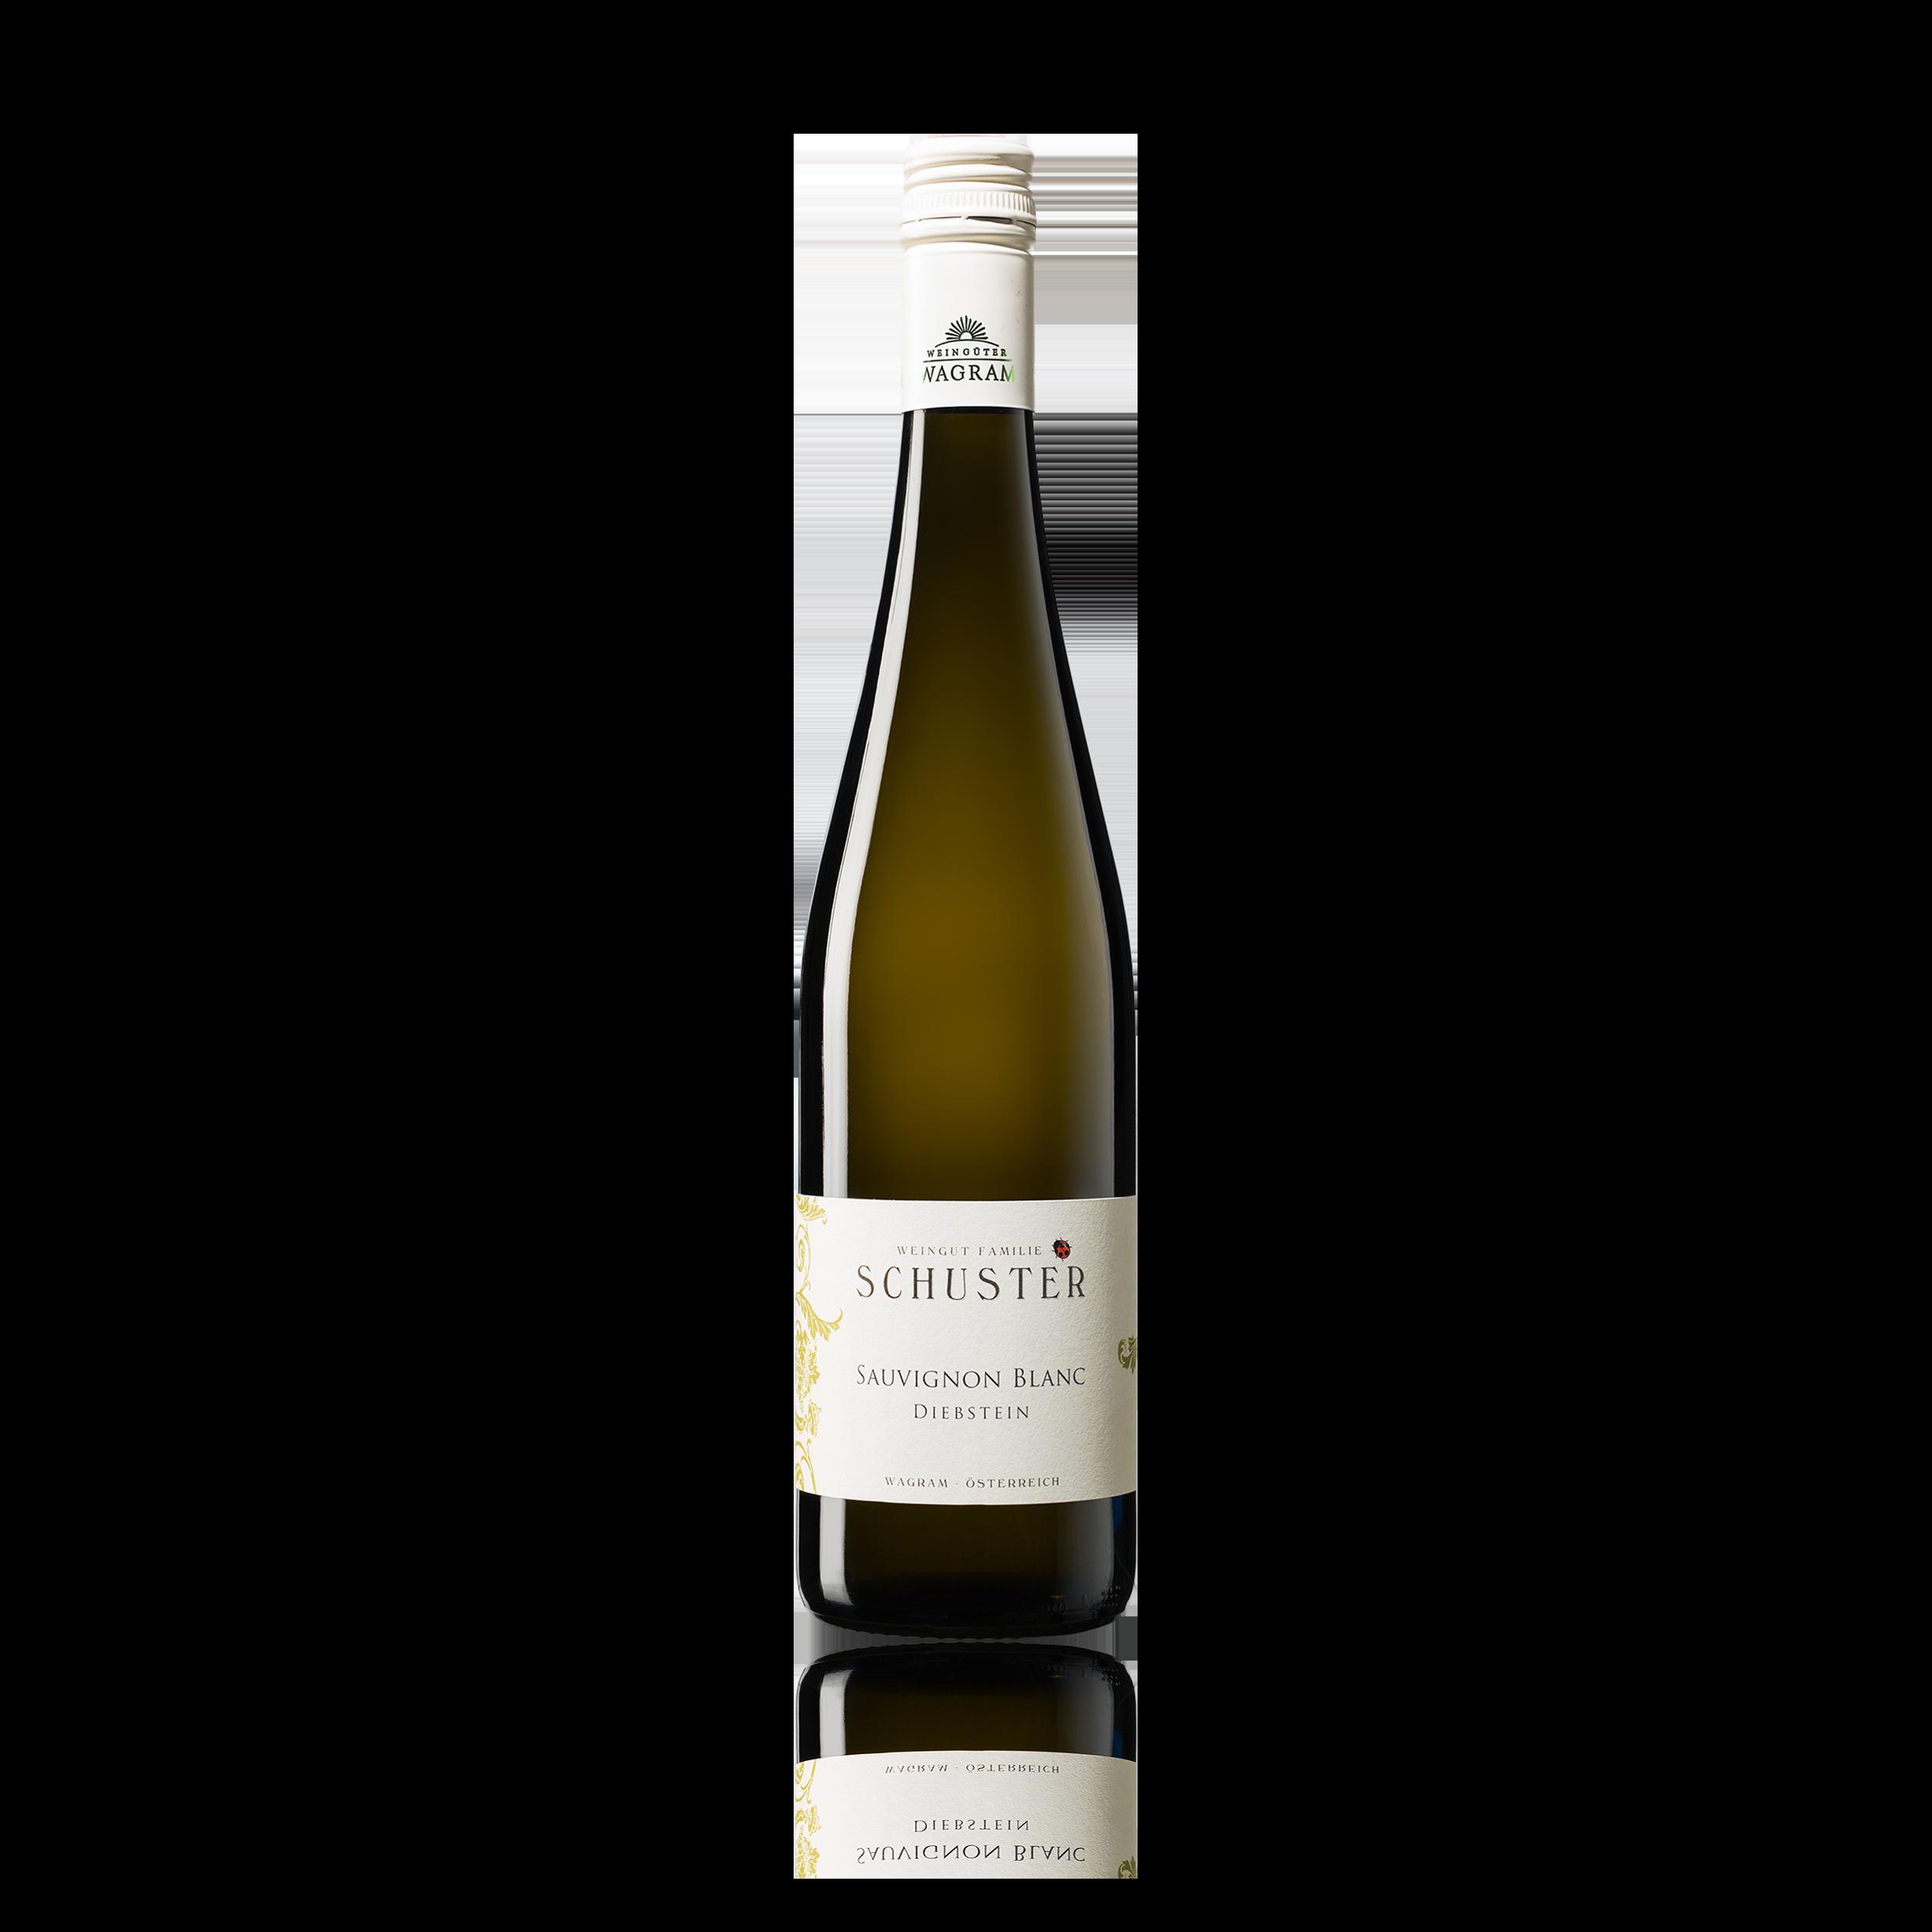 Sauvignon Blanc - Diebstein 2020